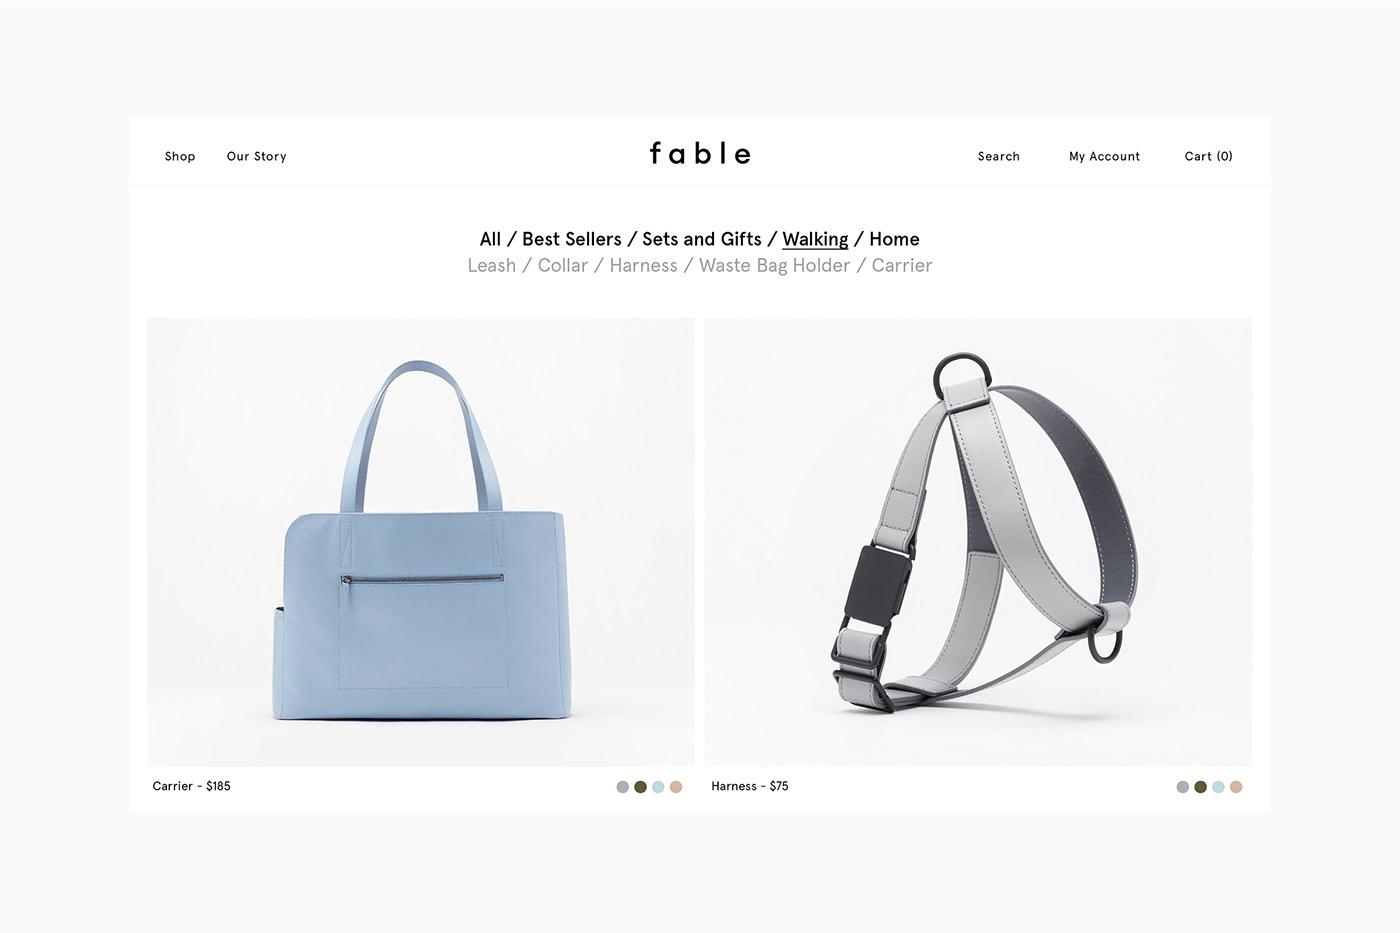 Image may contain: luggage and bags, handbag and screenshot